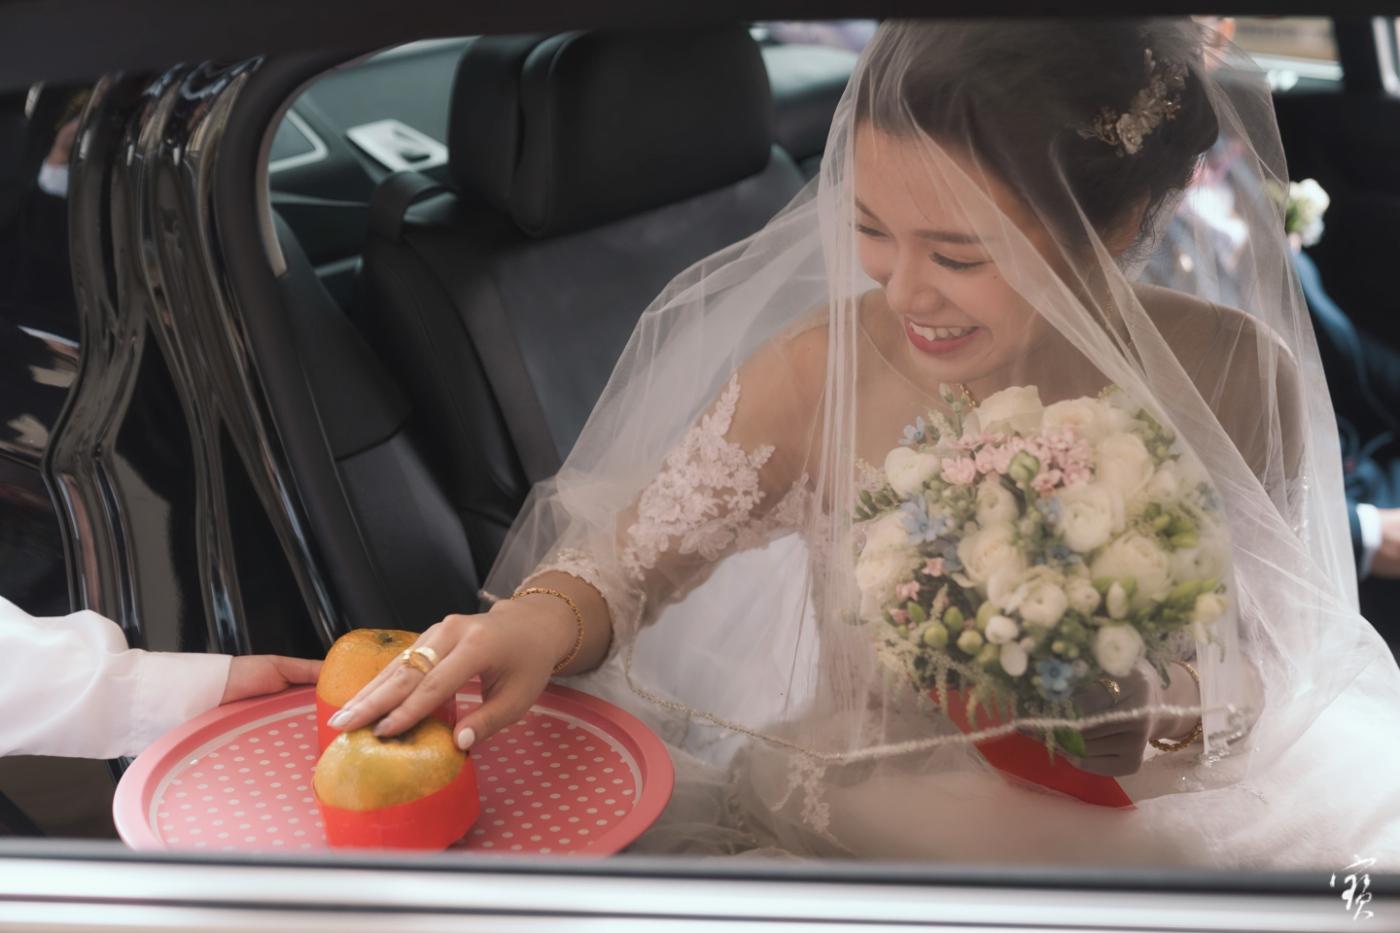 婚禮攝影 婚紗 大直 典華 冬半影像 攝影師大寶 北部攝影 台北攝影 桃園攝影 新竹攝影20181208-240